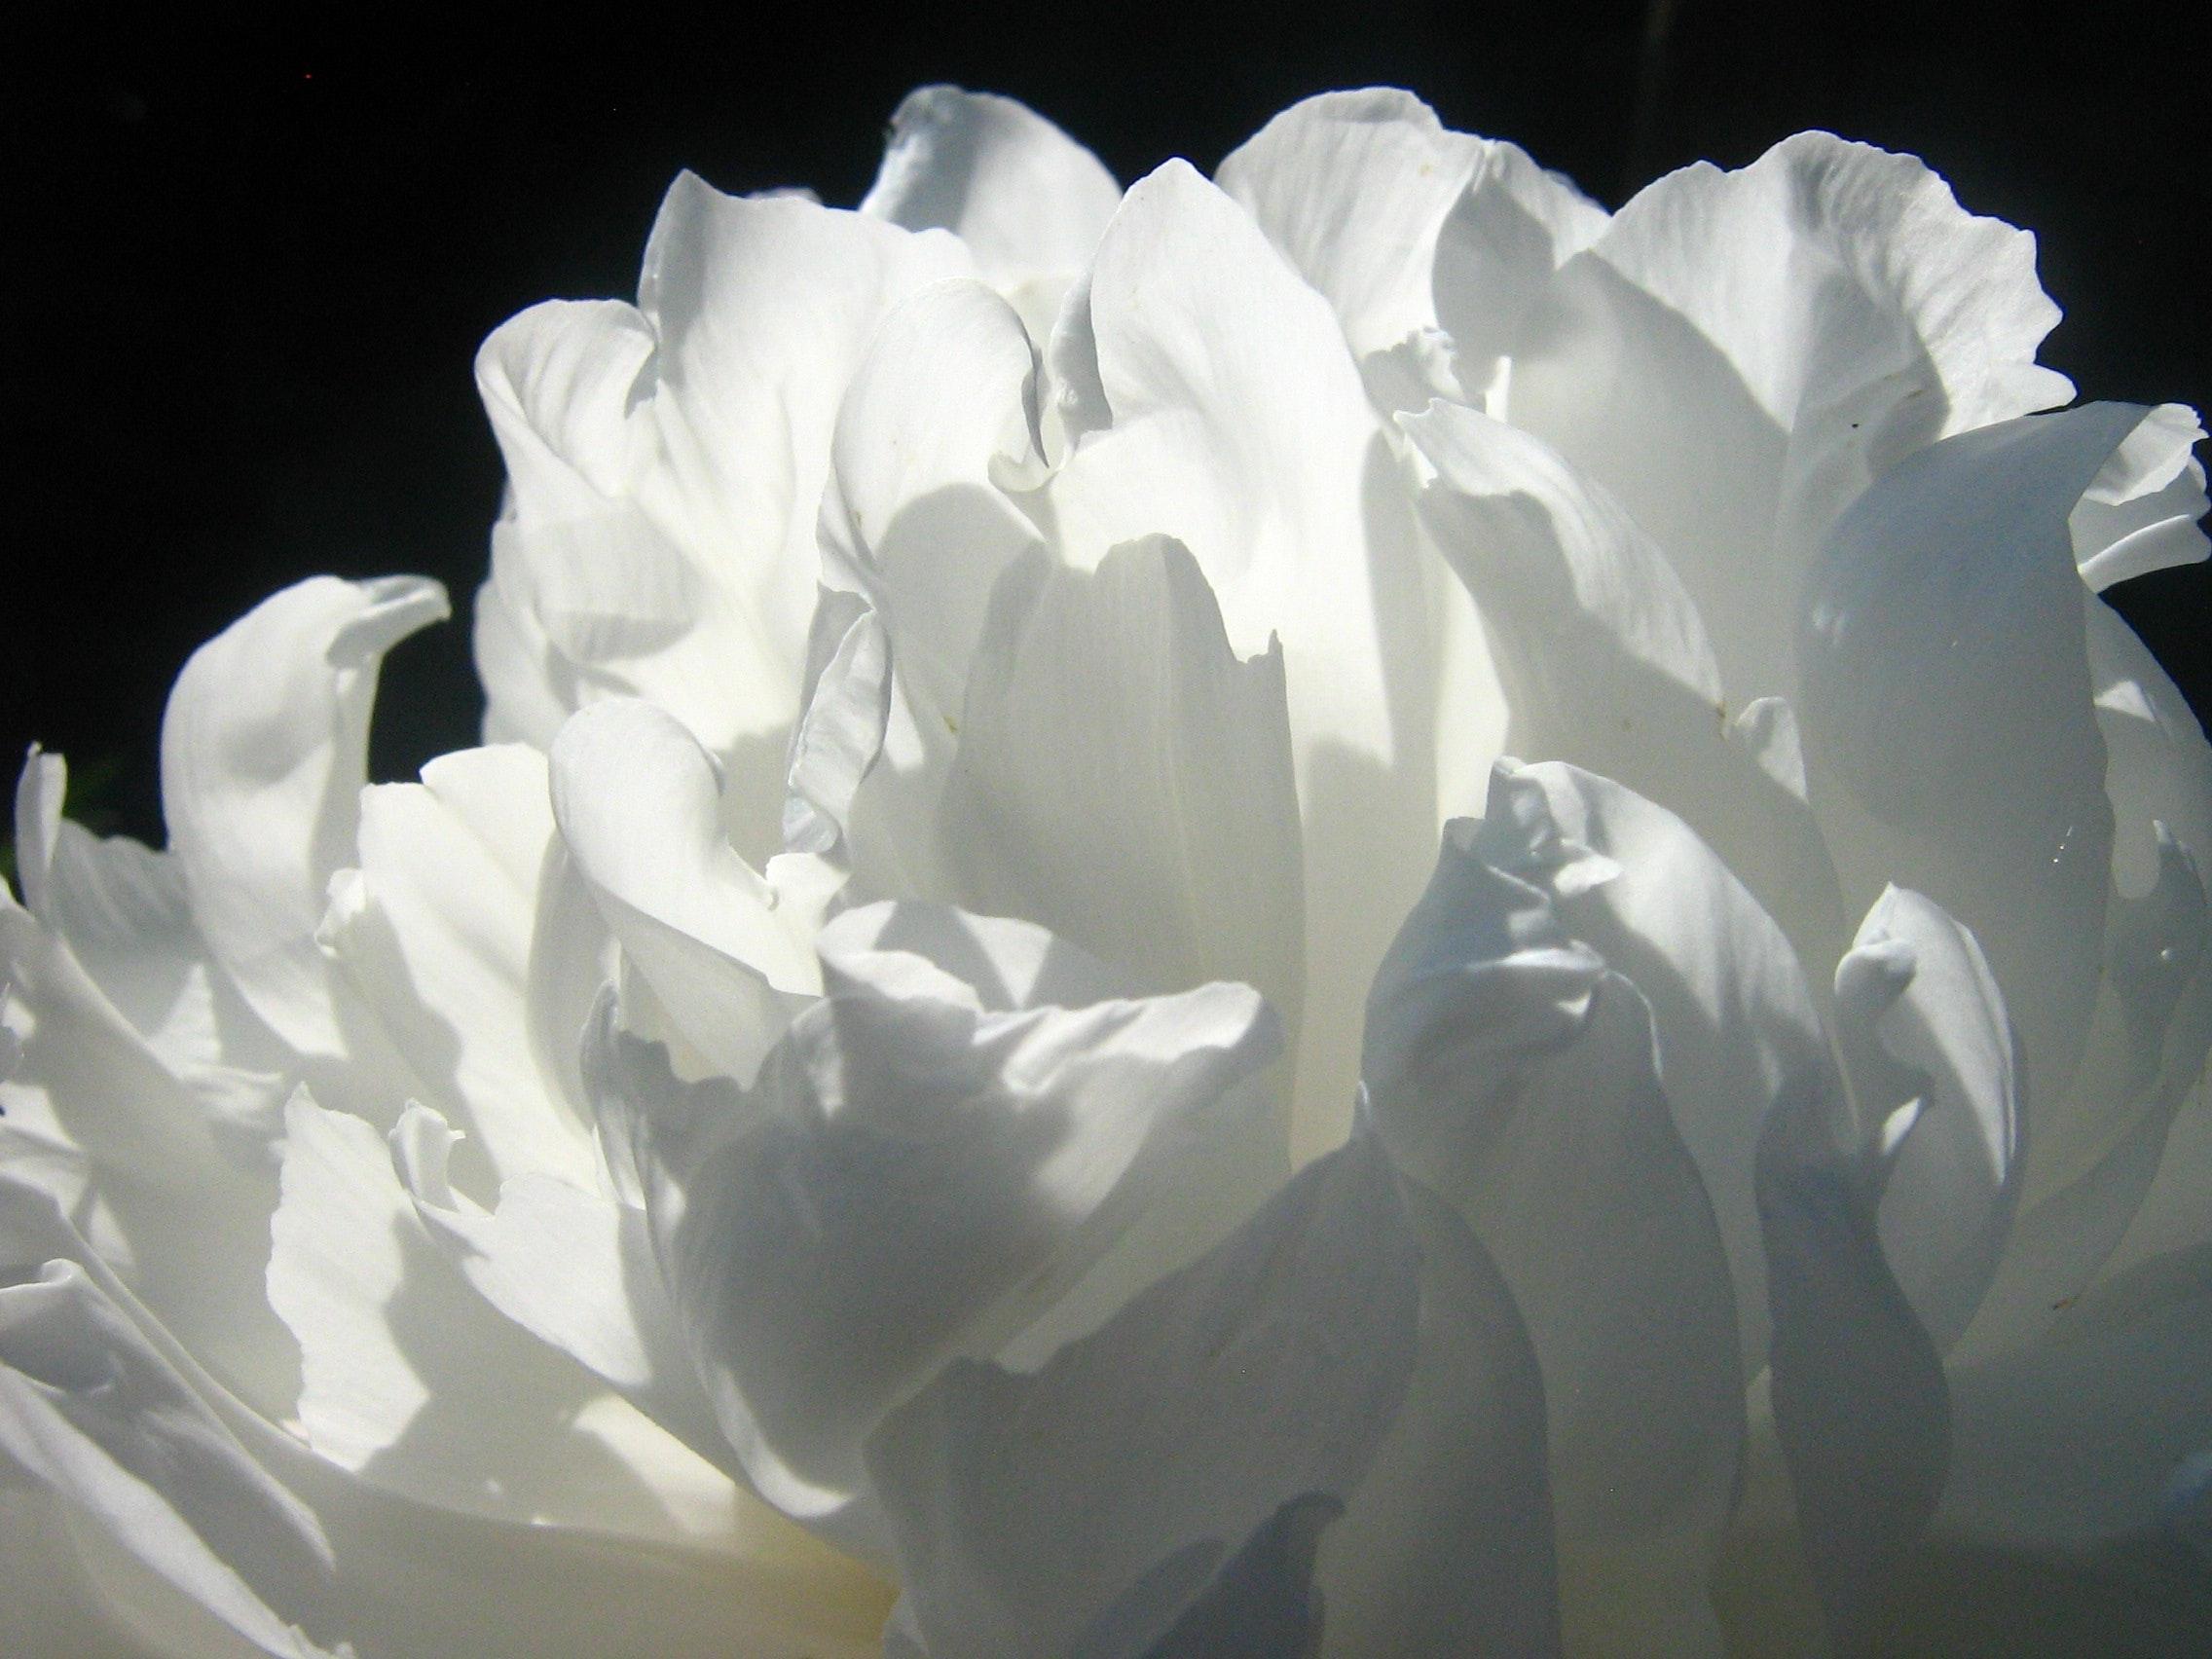 White Petal Flower Free Stock Photo